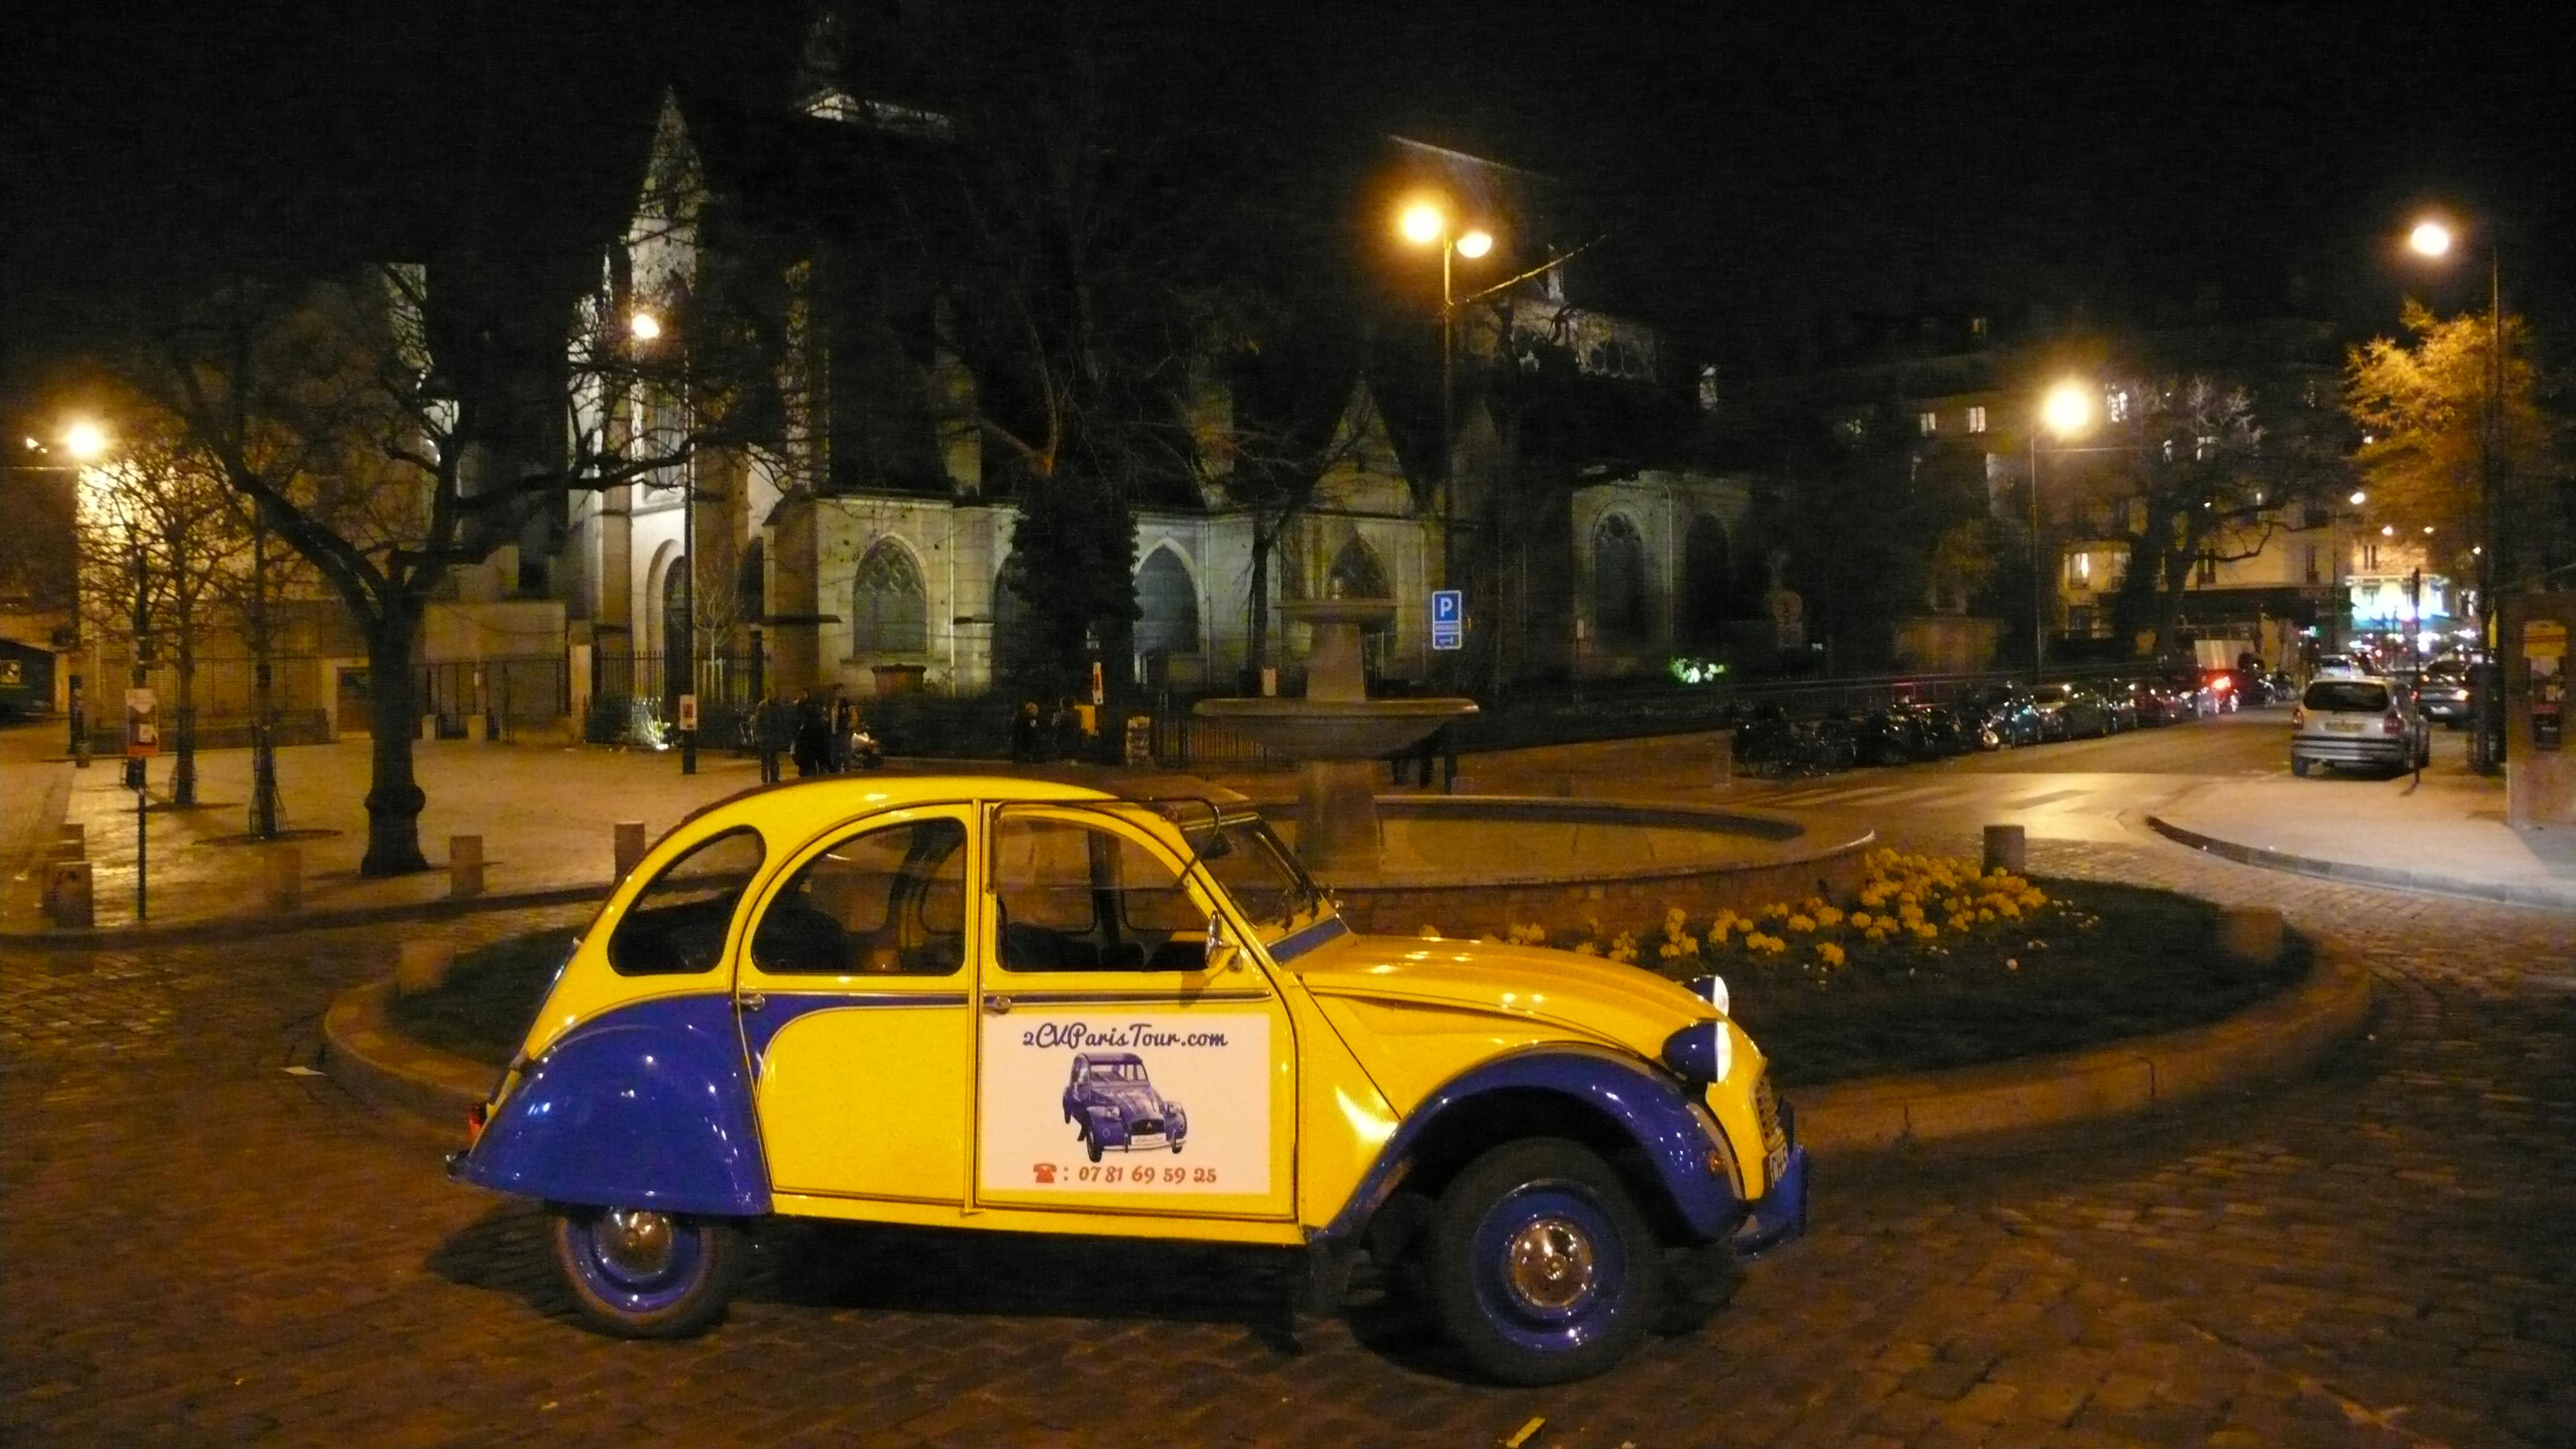 2cv paris tour visit paris by 2cv the church of saint m dard. Black Bedroom Furniture Sets. Home Design Ideas